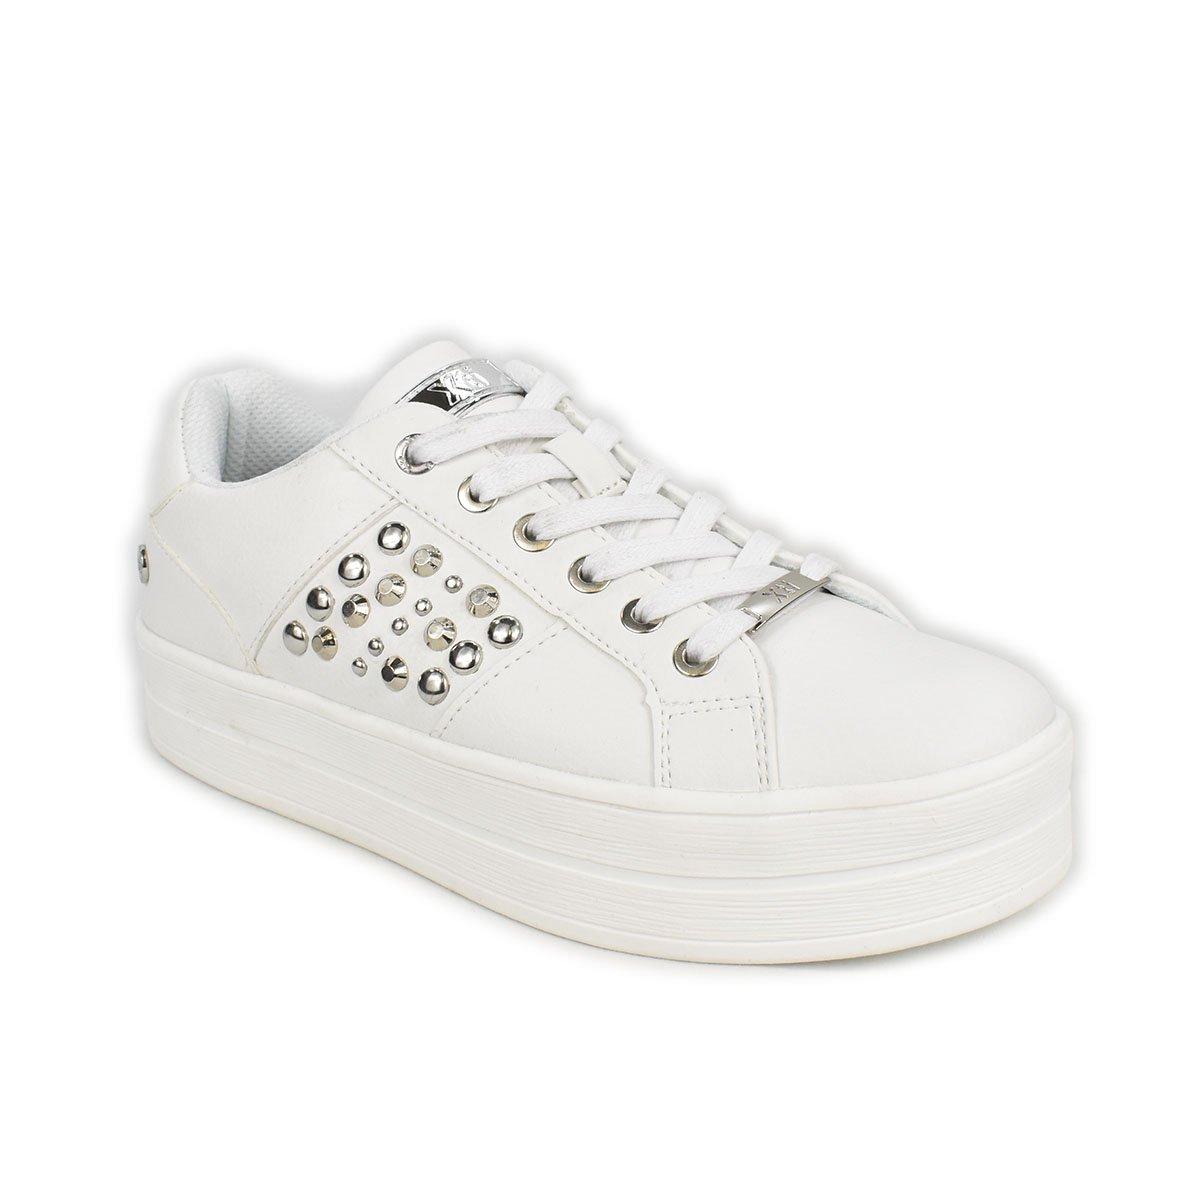 Sneakers bianca con borchie e suola a zeppa - XTI 44546